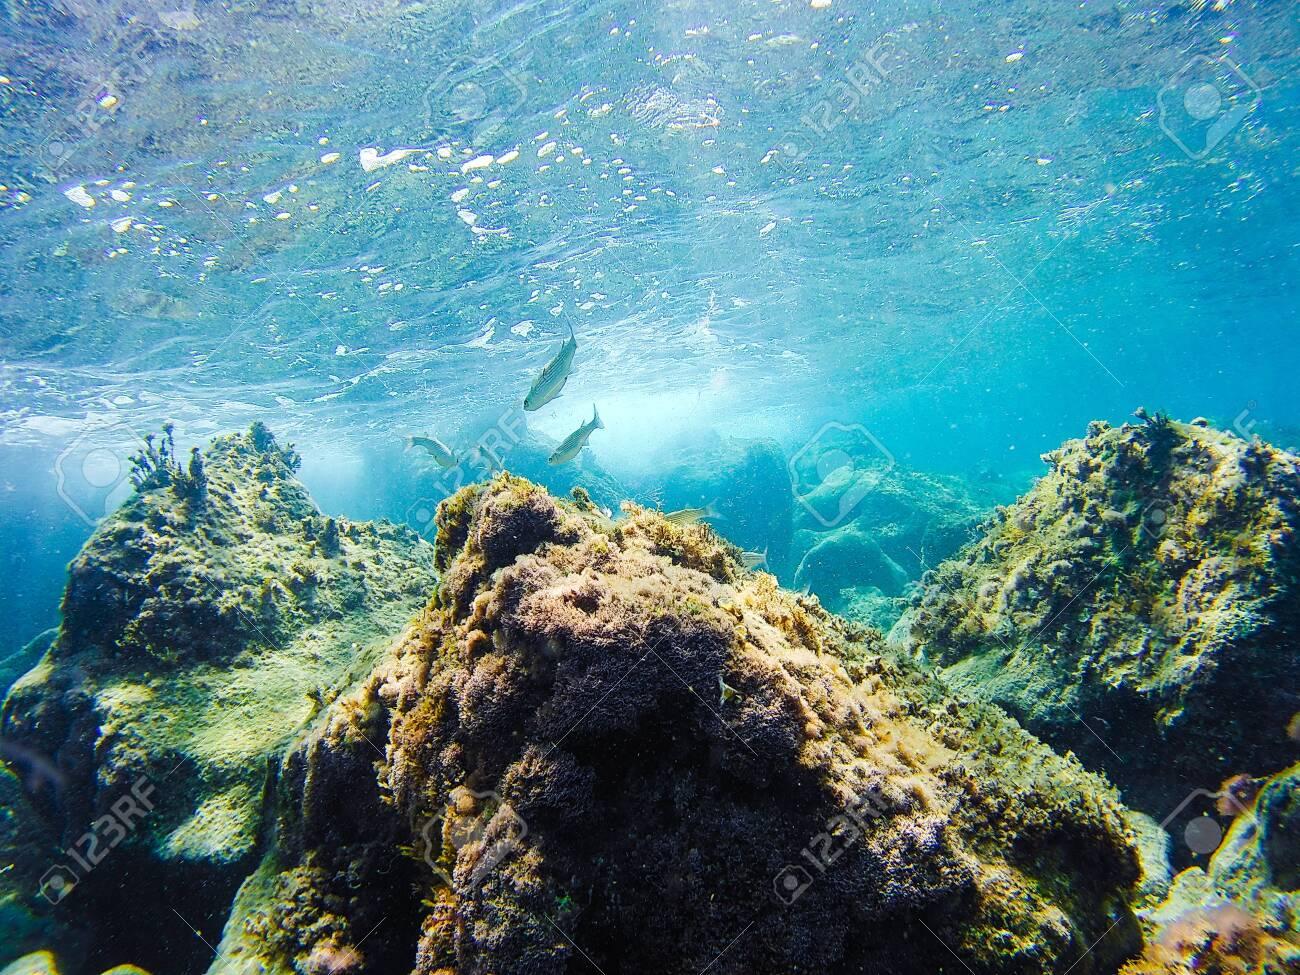 Colorful underwater vegetation in the Mediterranean sea - 138111148